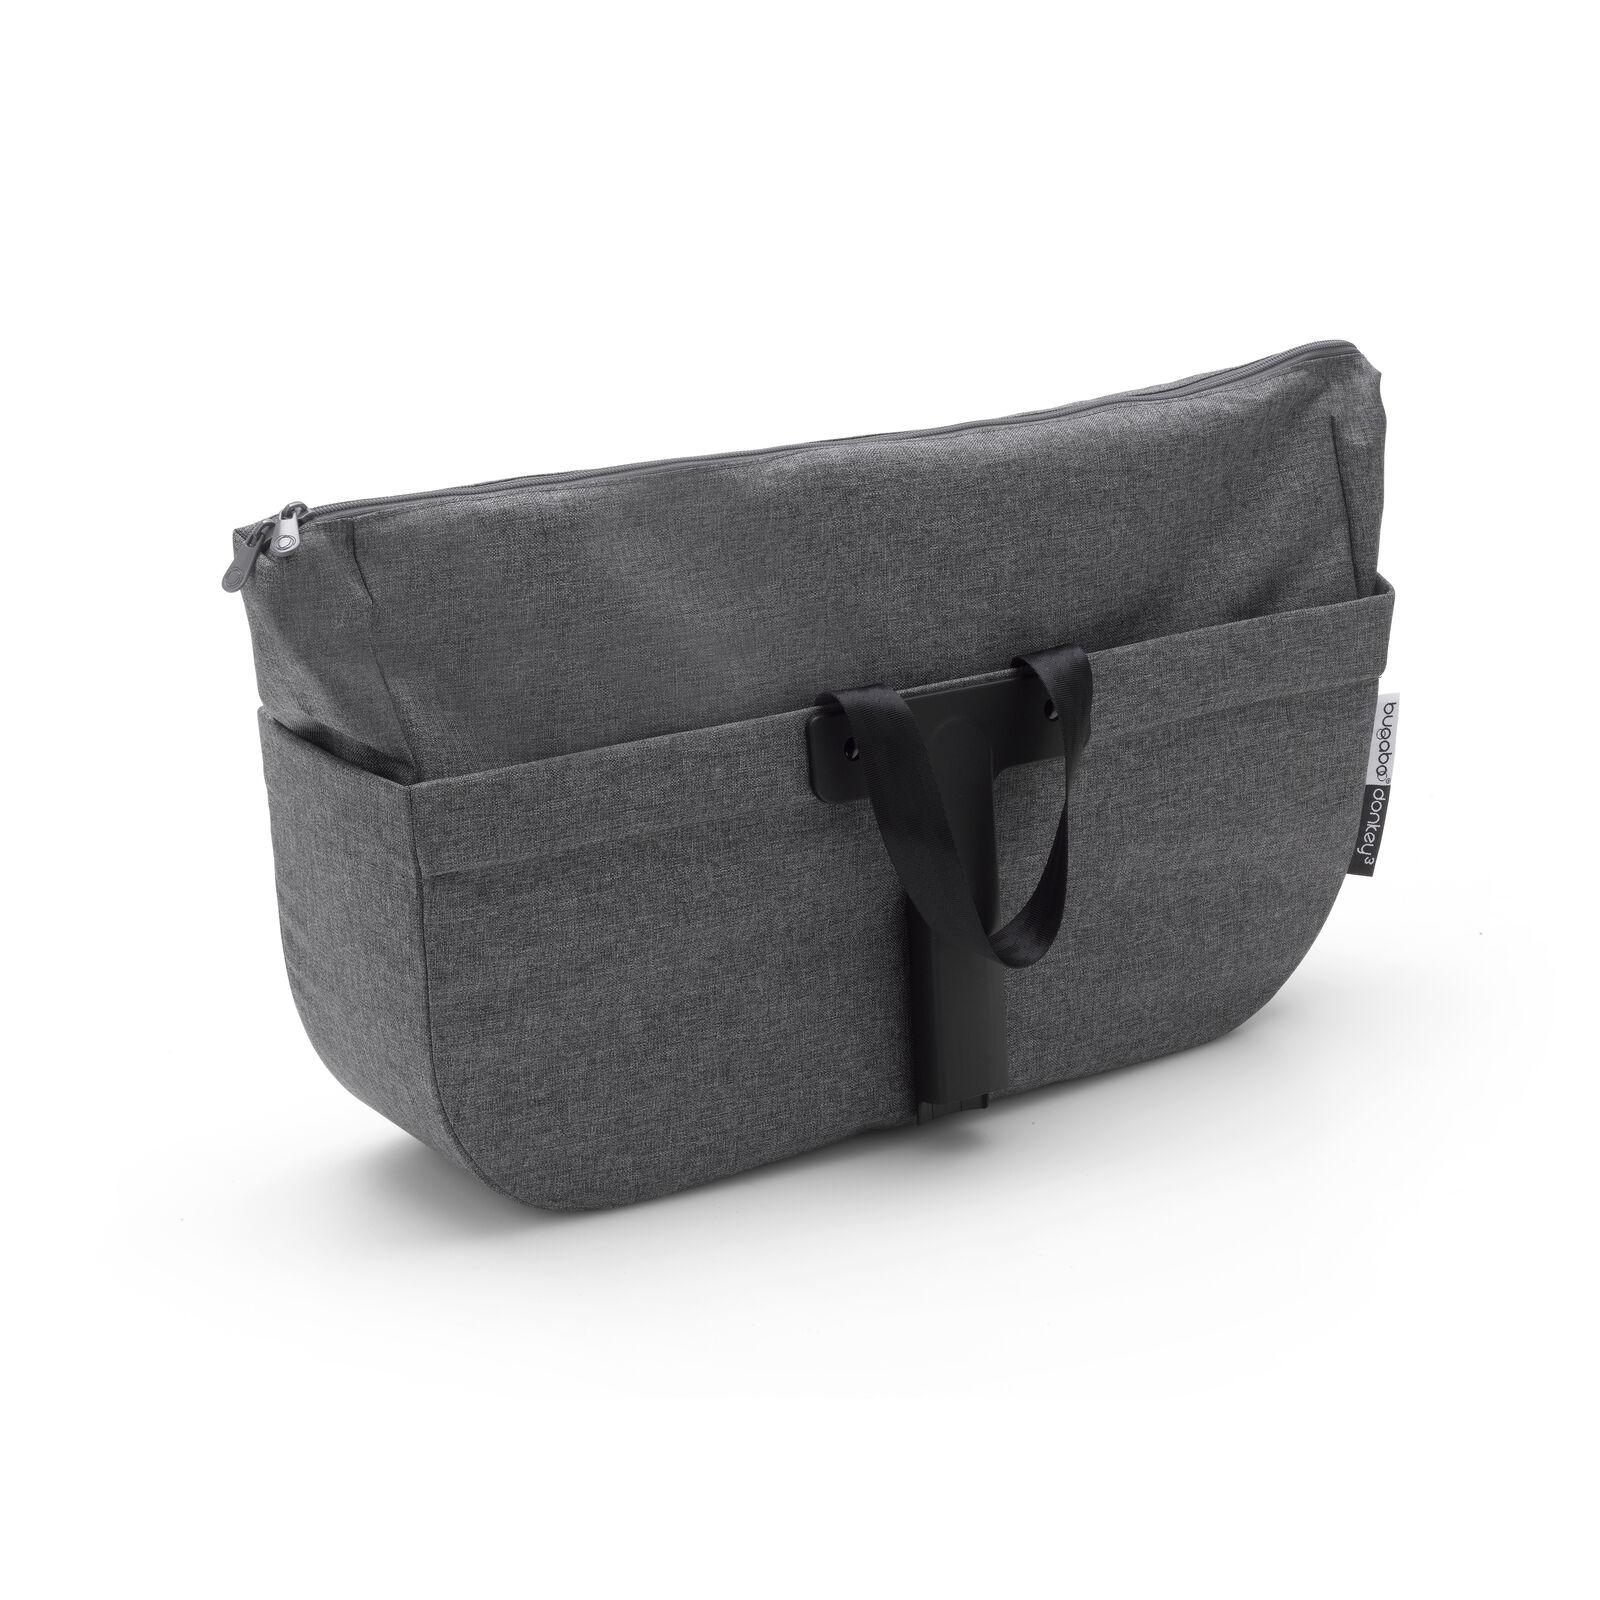 Bugaboo Donkey 3 seitliche Gepäcktasche